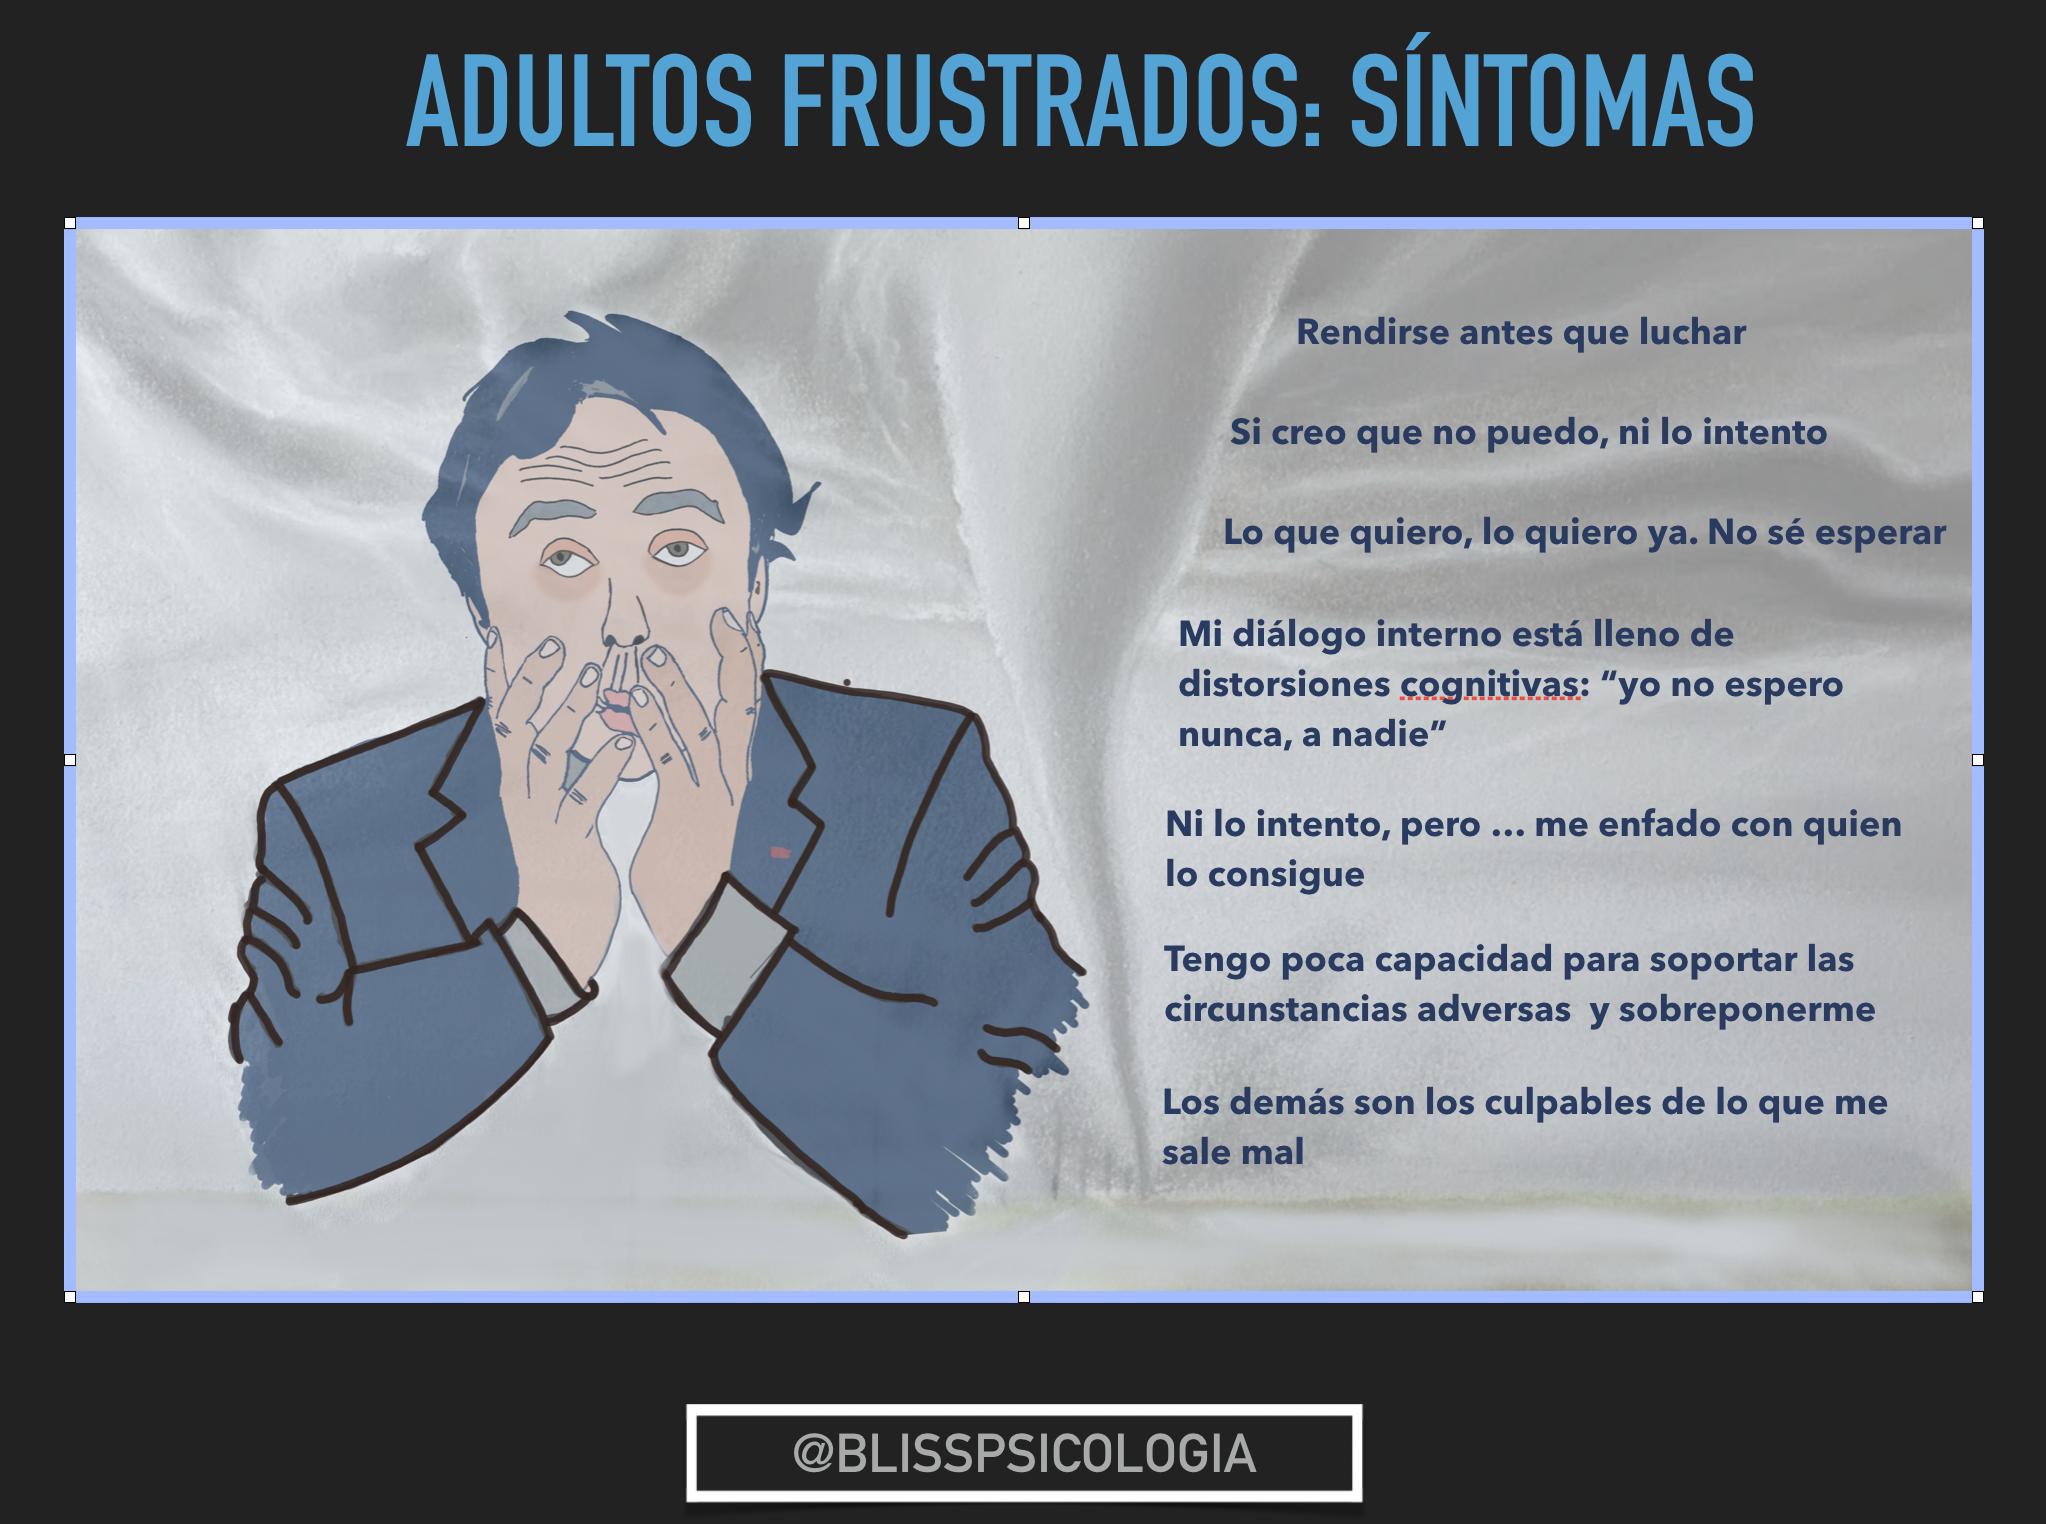 Frustración en adultos